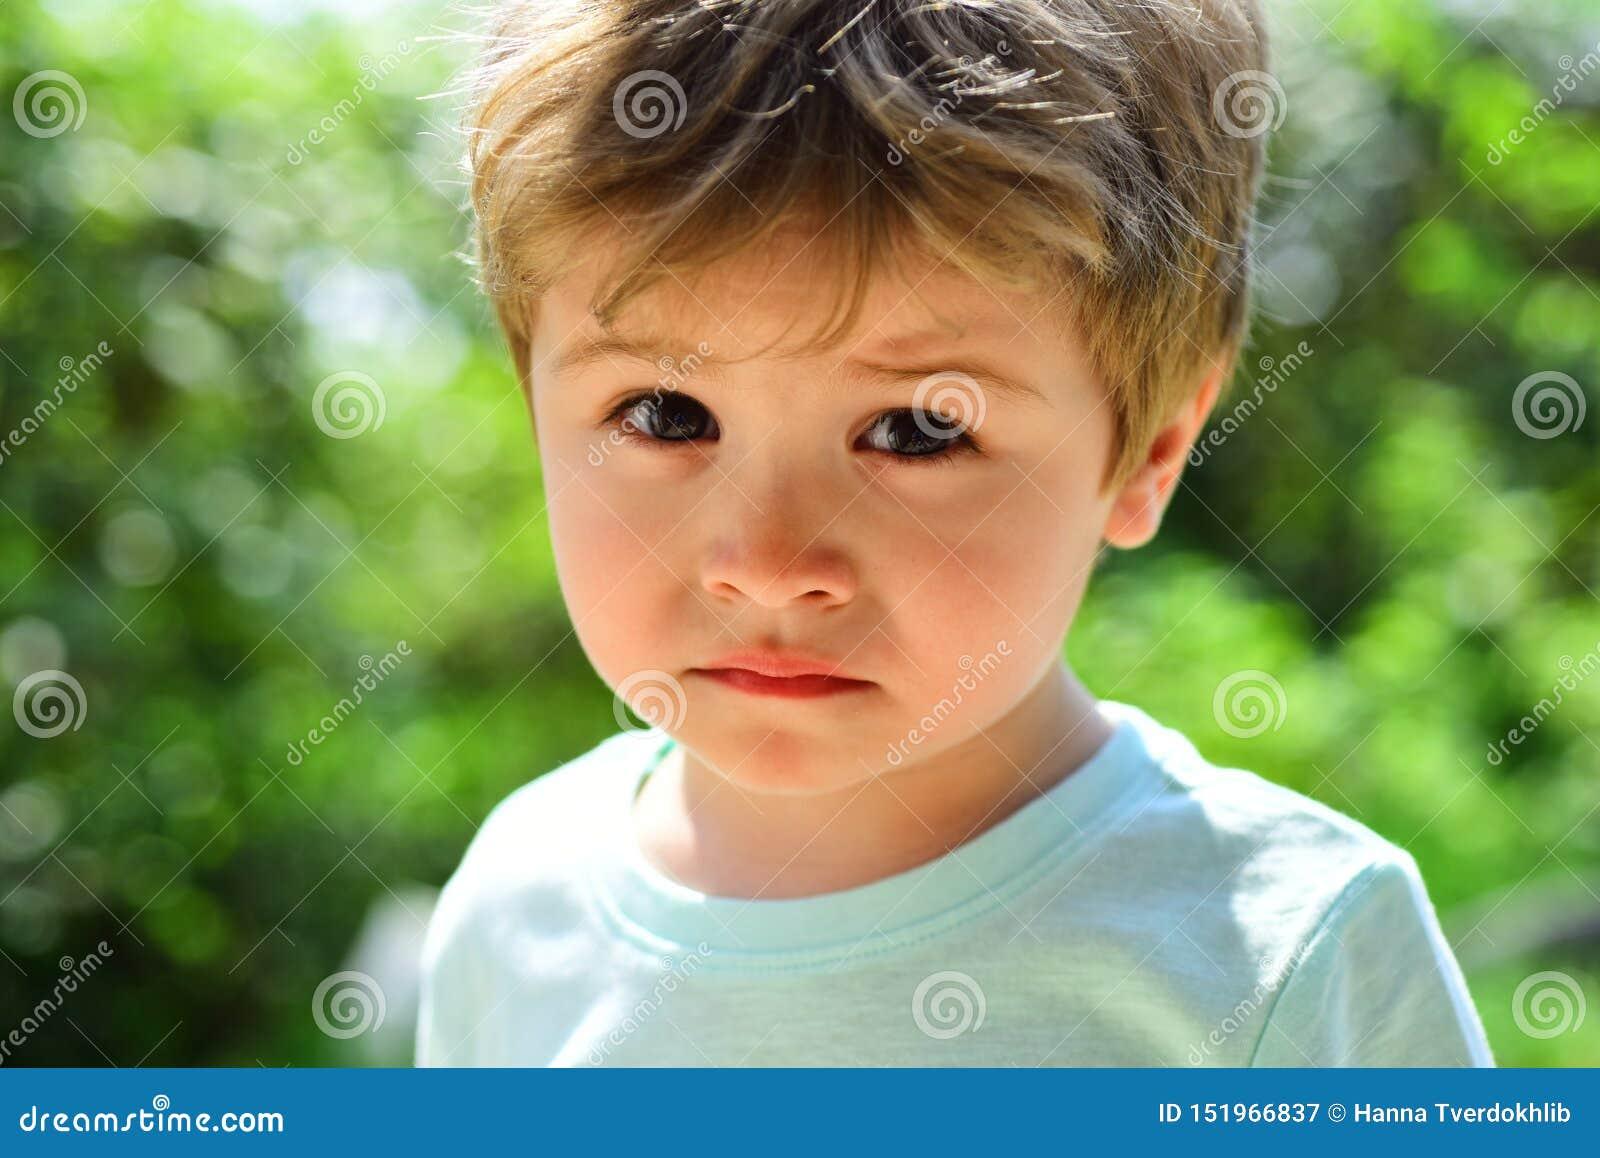 Ledset barn, närbildstående Ett frustrerat barn utan lynne Ledsna sinnesrörelser på en härlig framsida Barn i natur